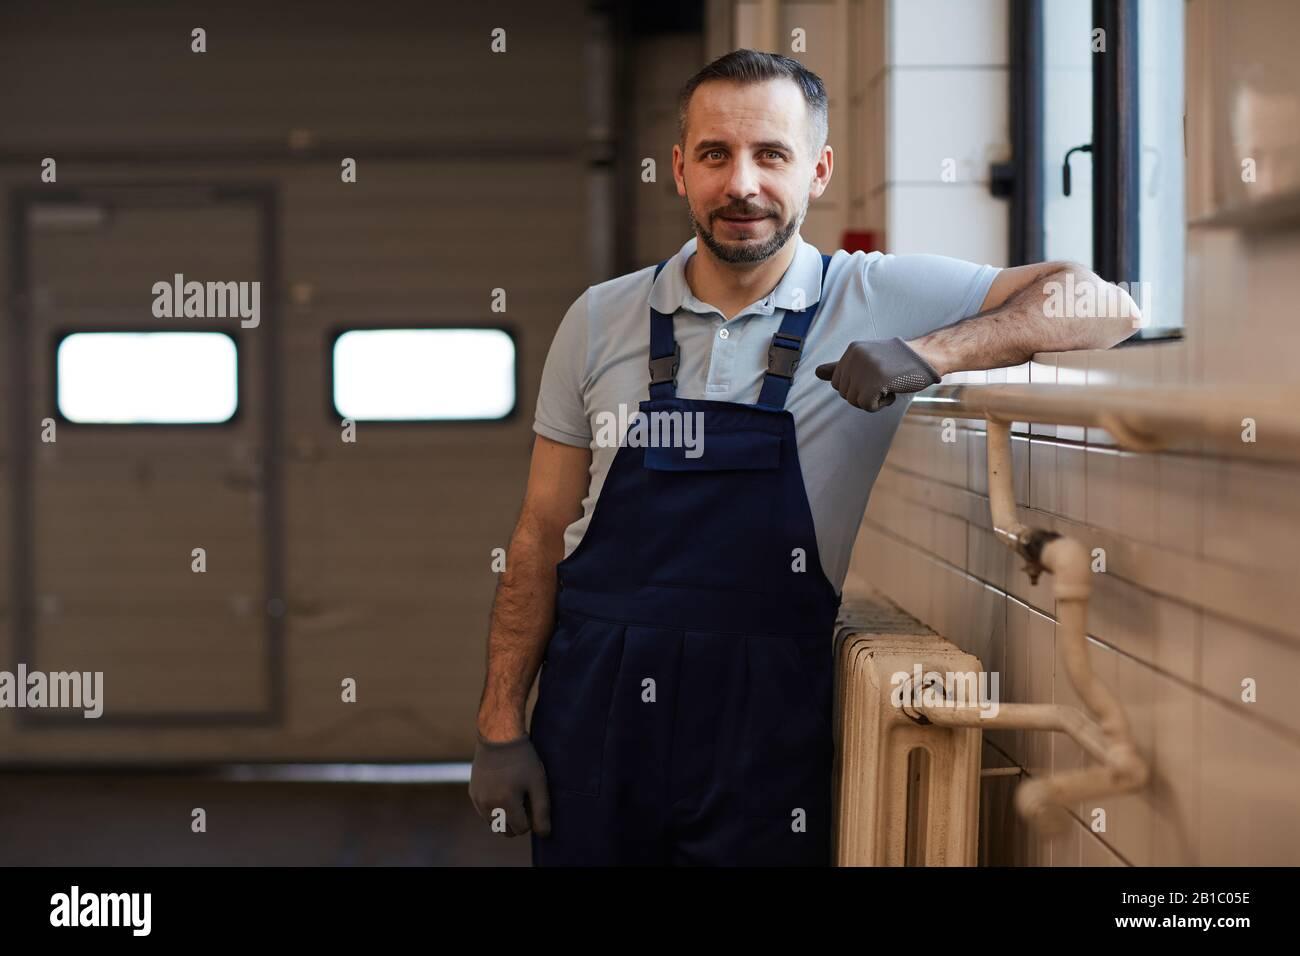 Girovita ritratto di macchina matura meccanico appoggiato a parete mentre posa in officina riparazione auto, copia spazio Foto Stock